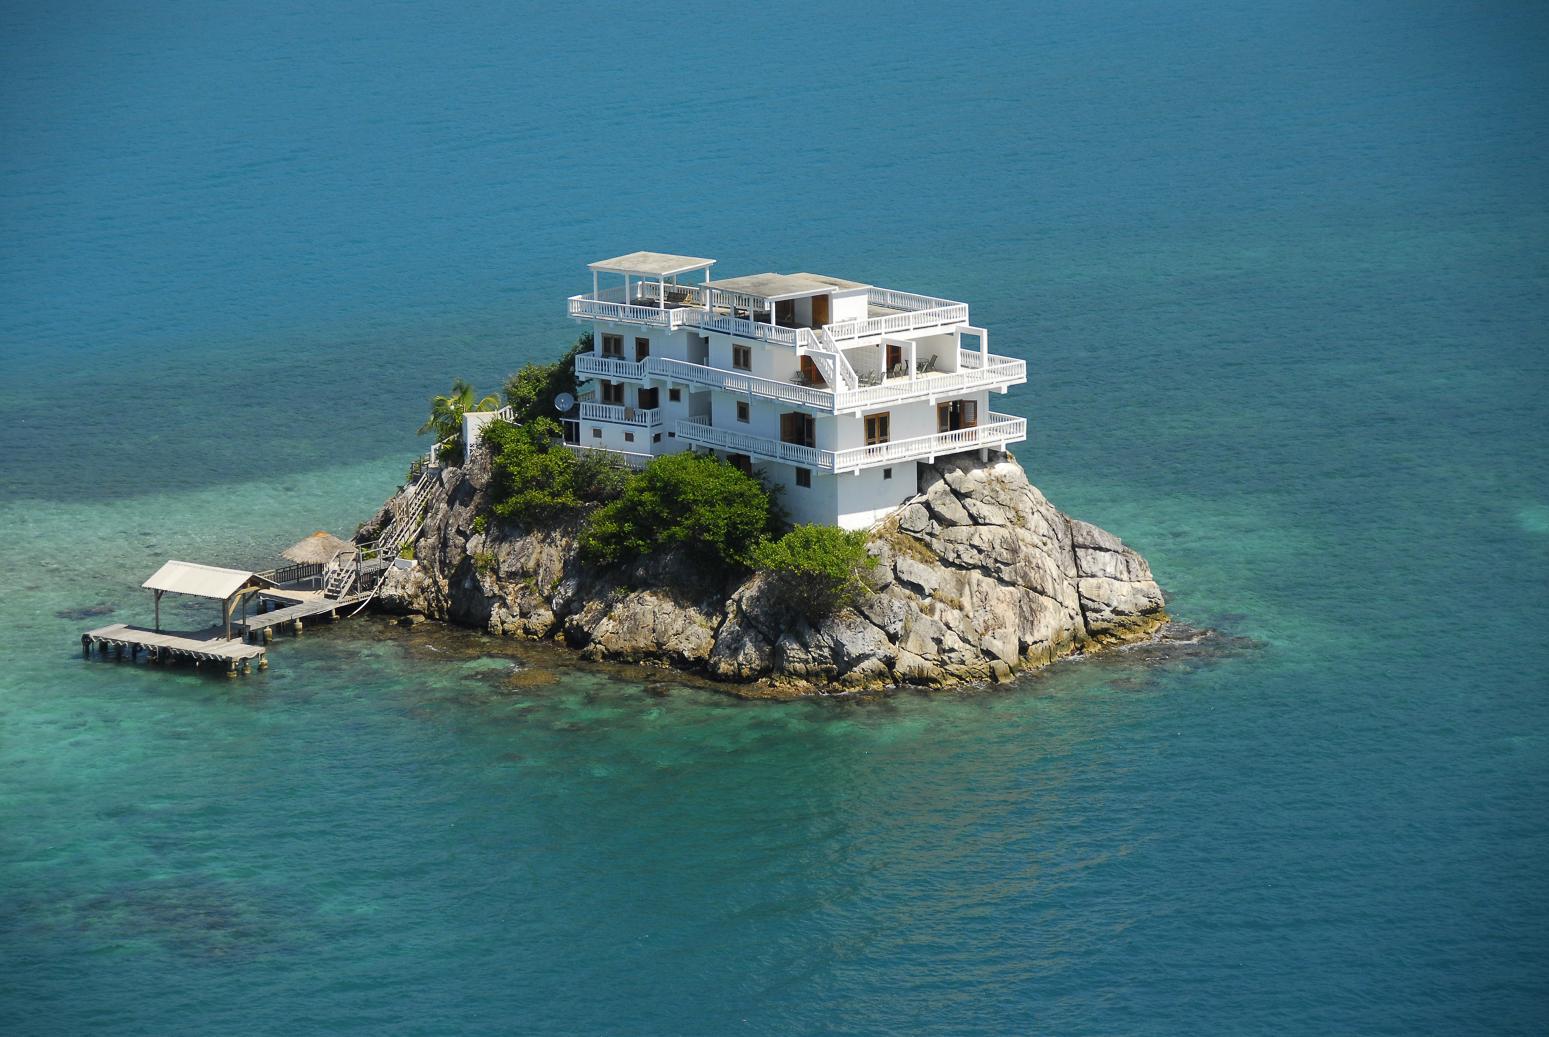 Luxury Villa-hotel At Dunbar Rock, Central America